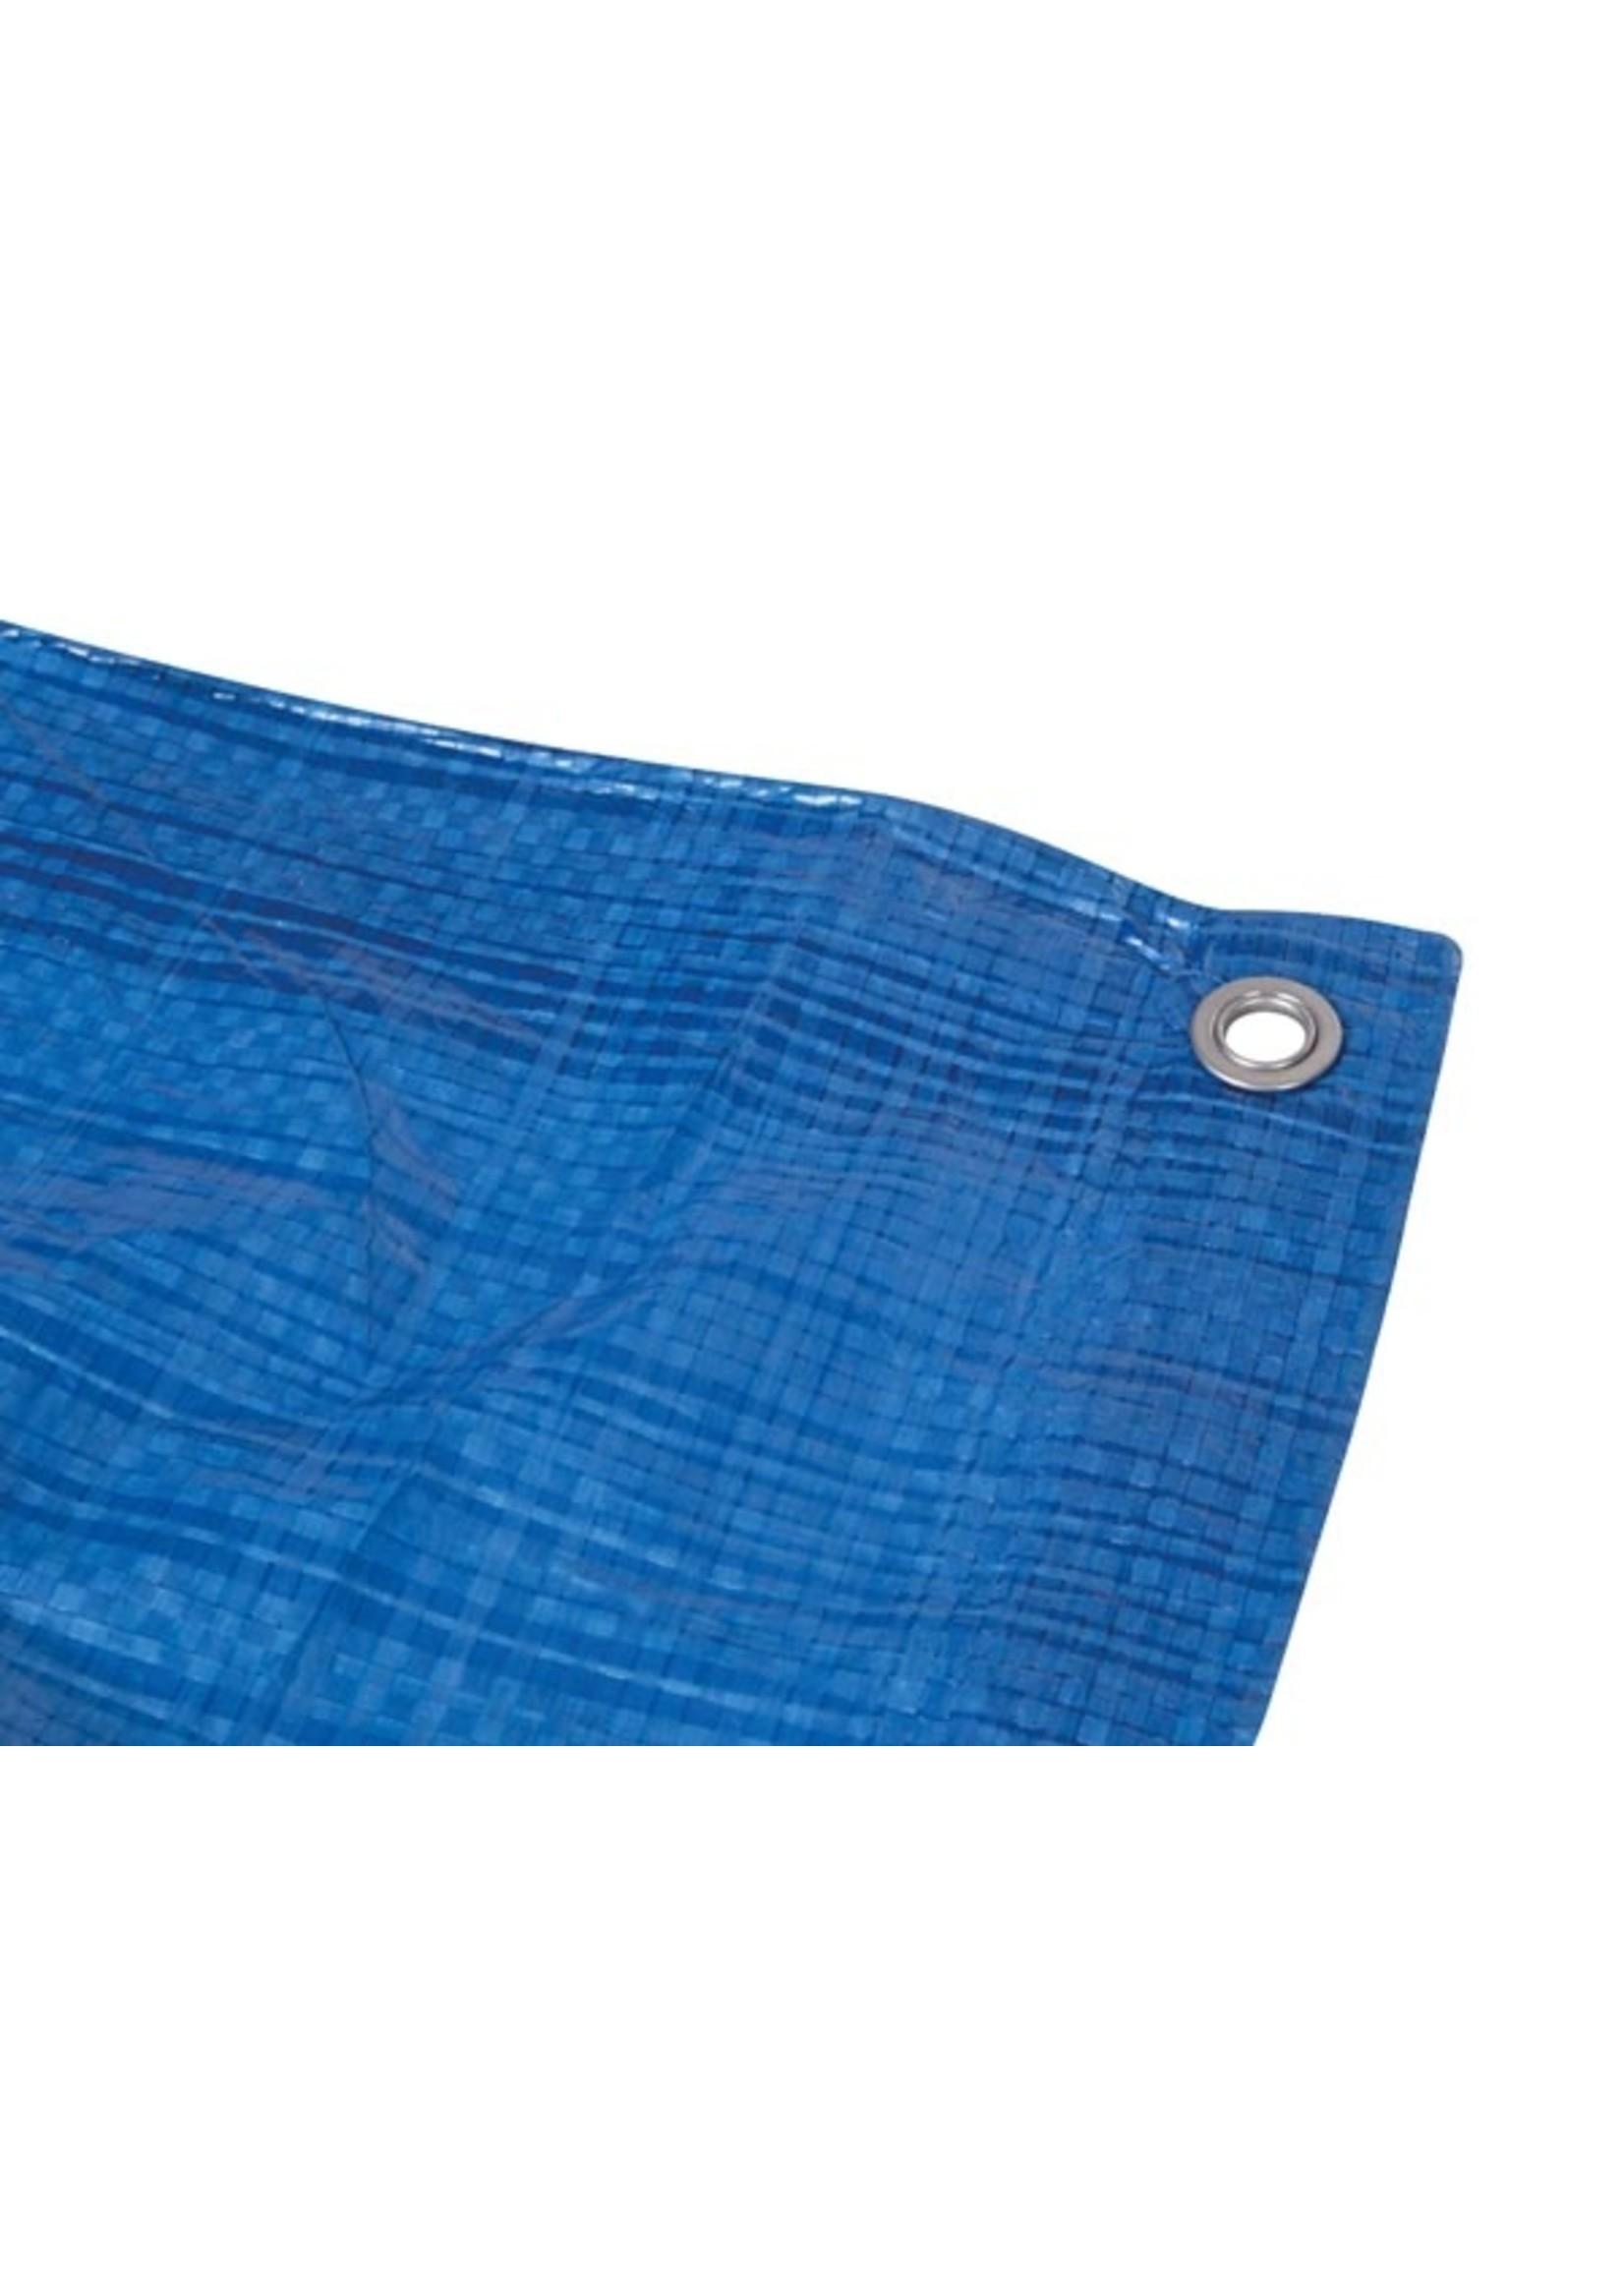 Afdekzeil 5 X 5 Meter Polyester Blauw